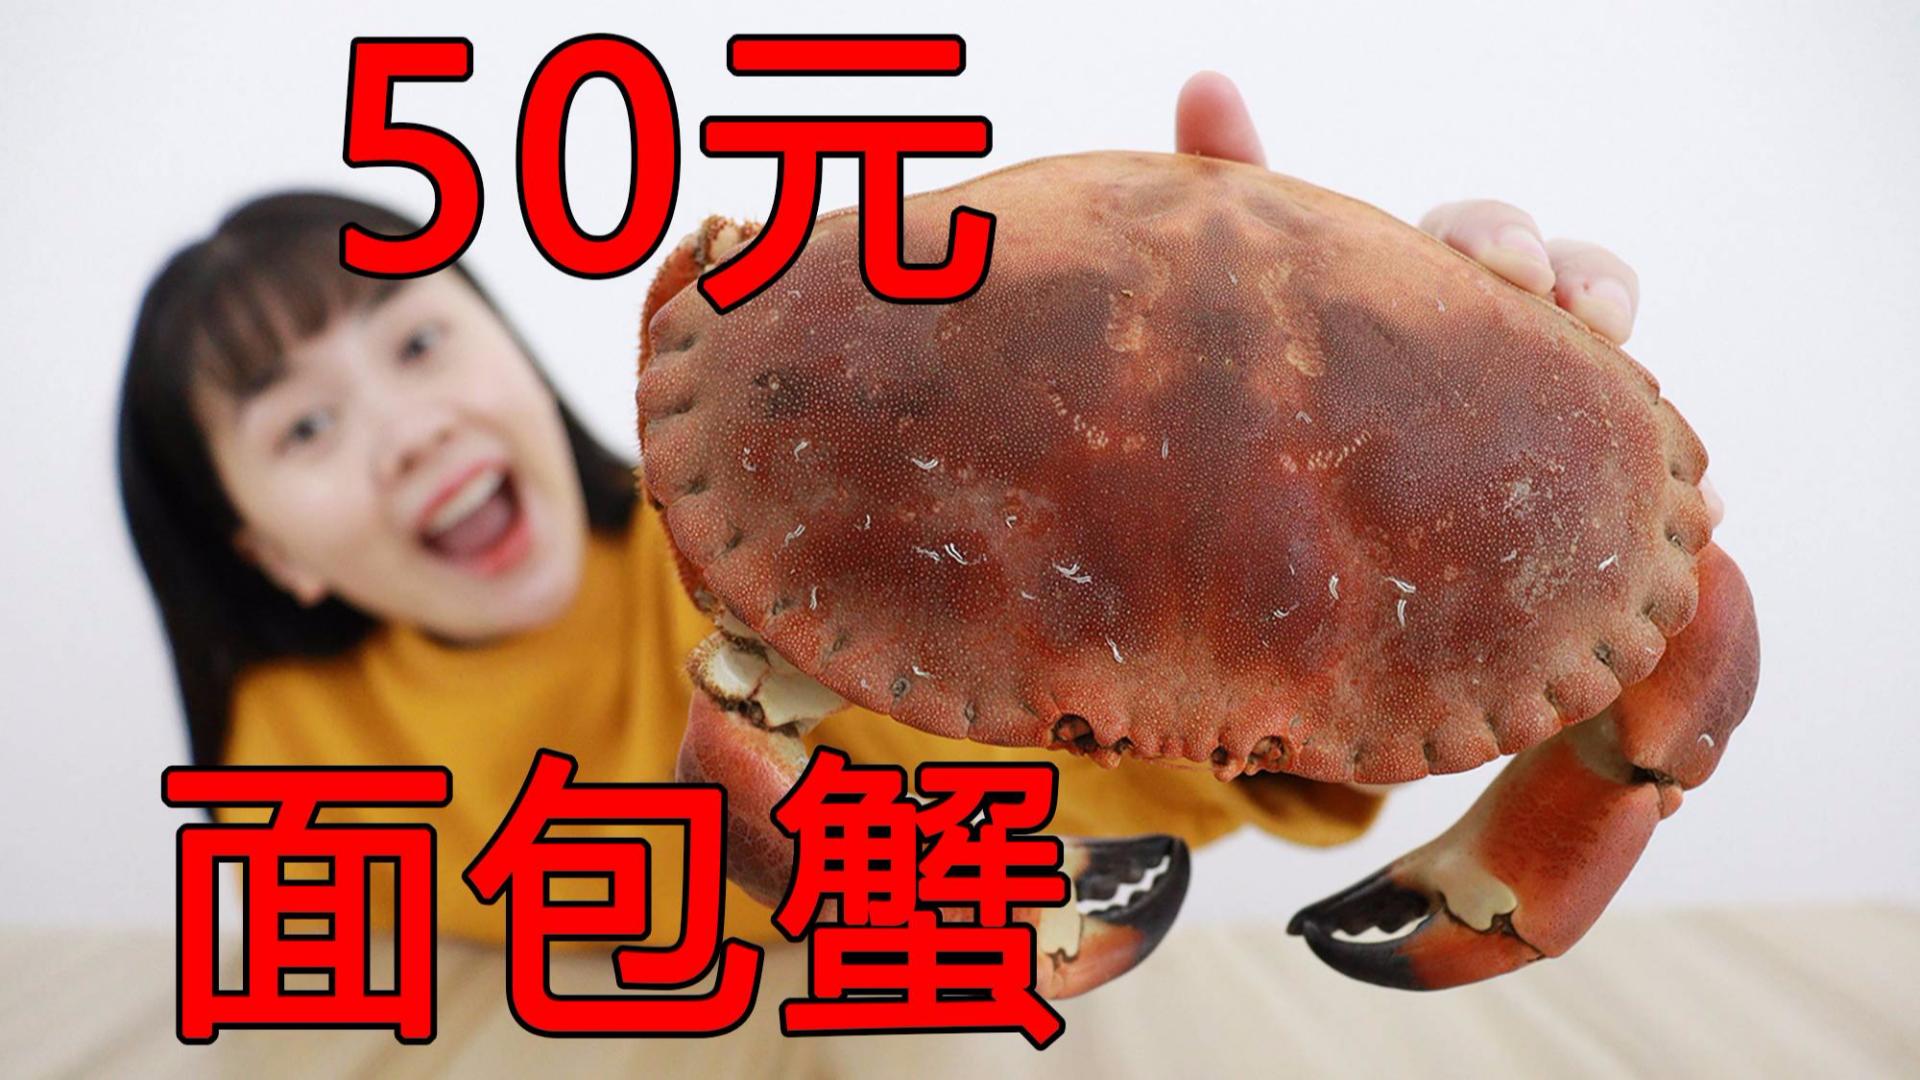 拼多多花50元买的面包蟹,打开很惊喜,吃到最后是真的太失望